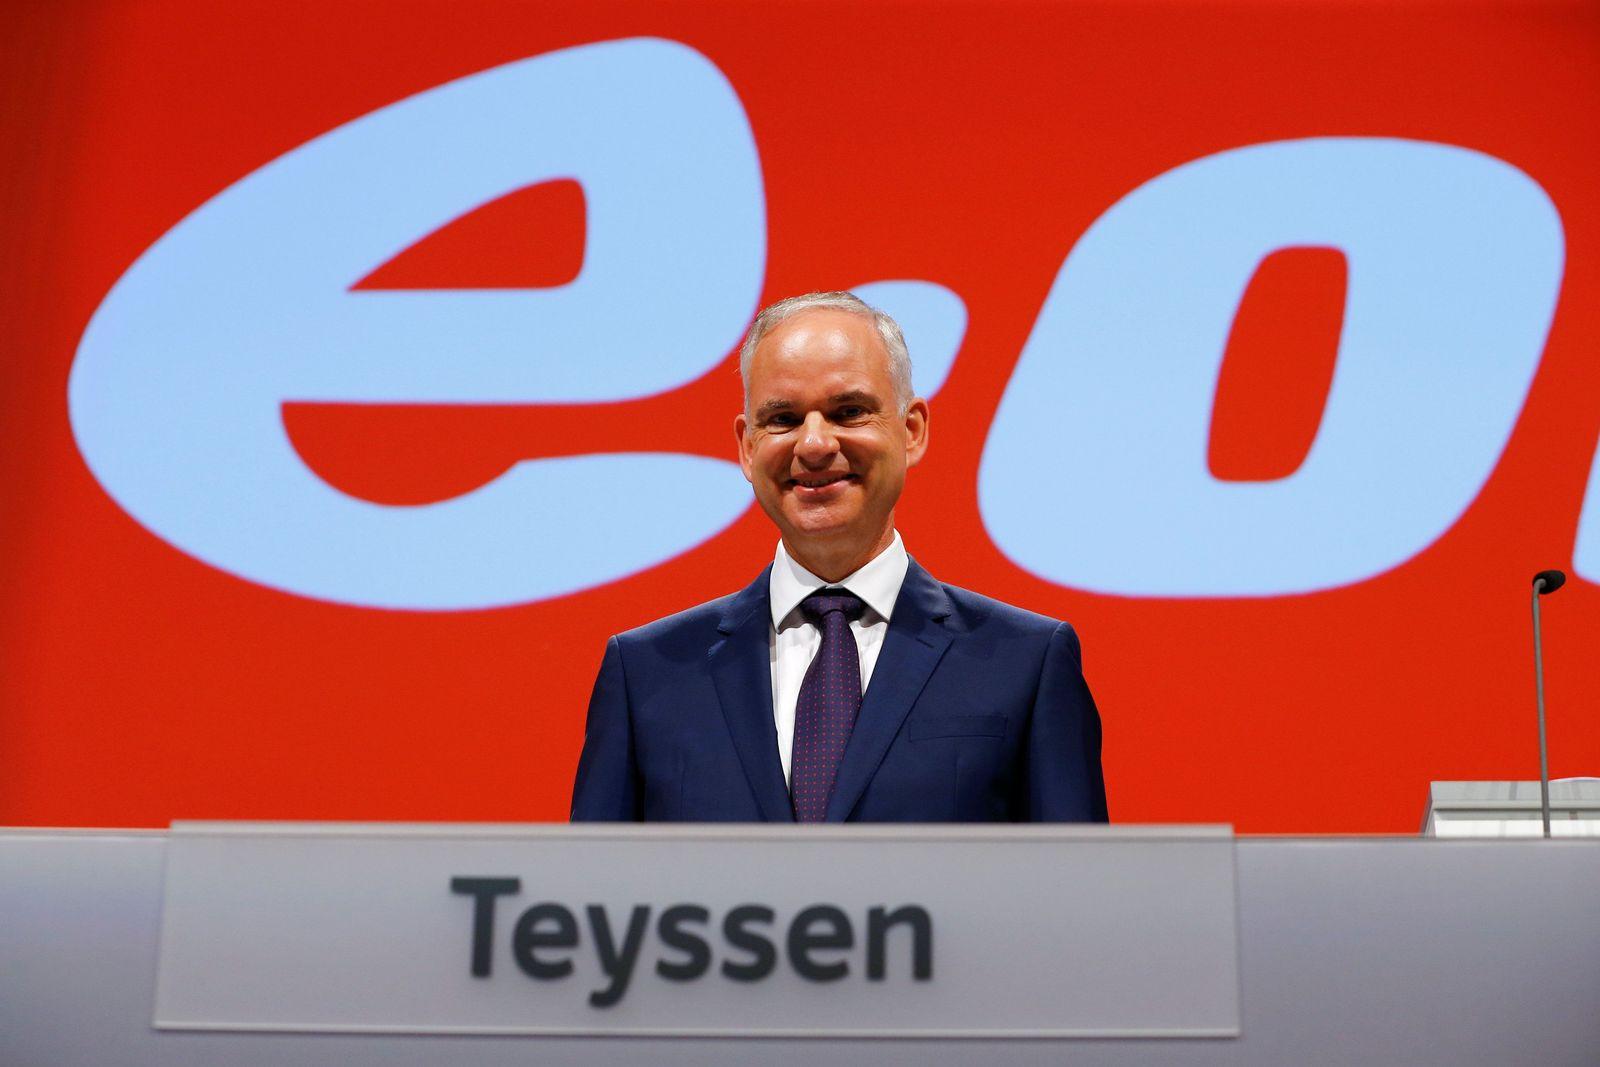 Johannes Teyssen / Eon HV